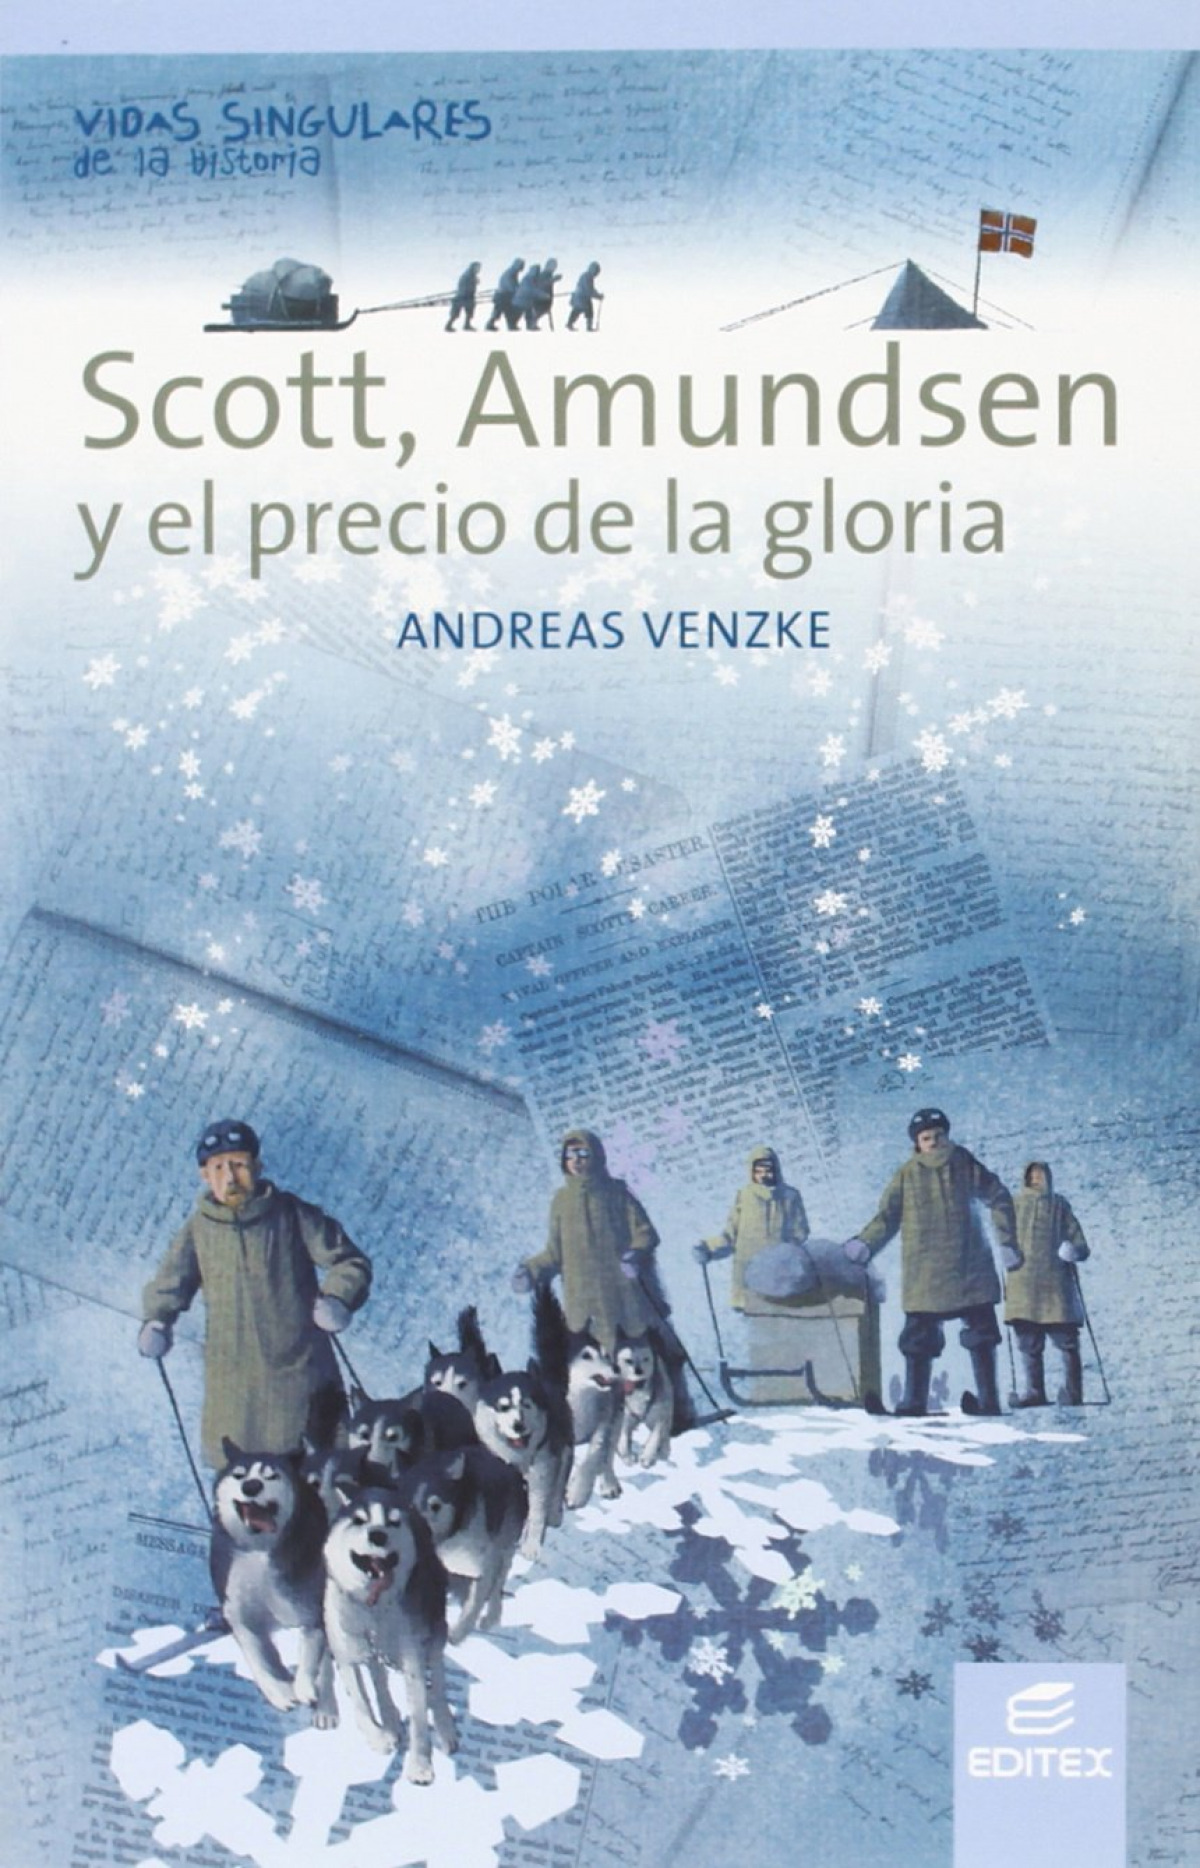 SCOTT, AMUNDSEN Y EL PRECIO DE LA GLORIA 9788490033074